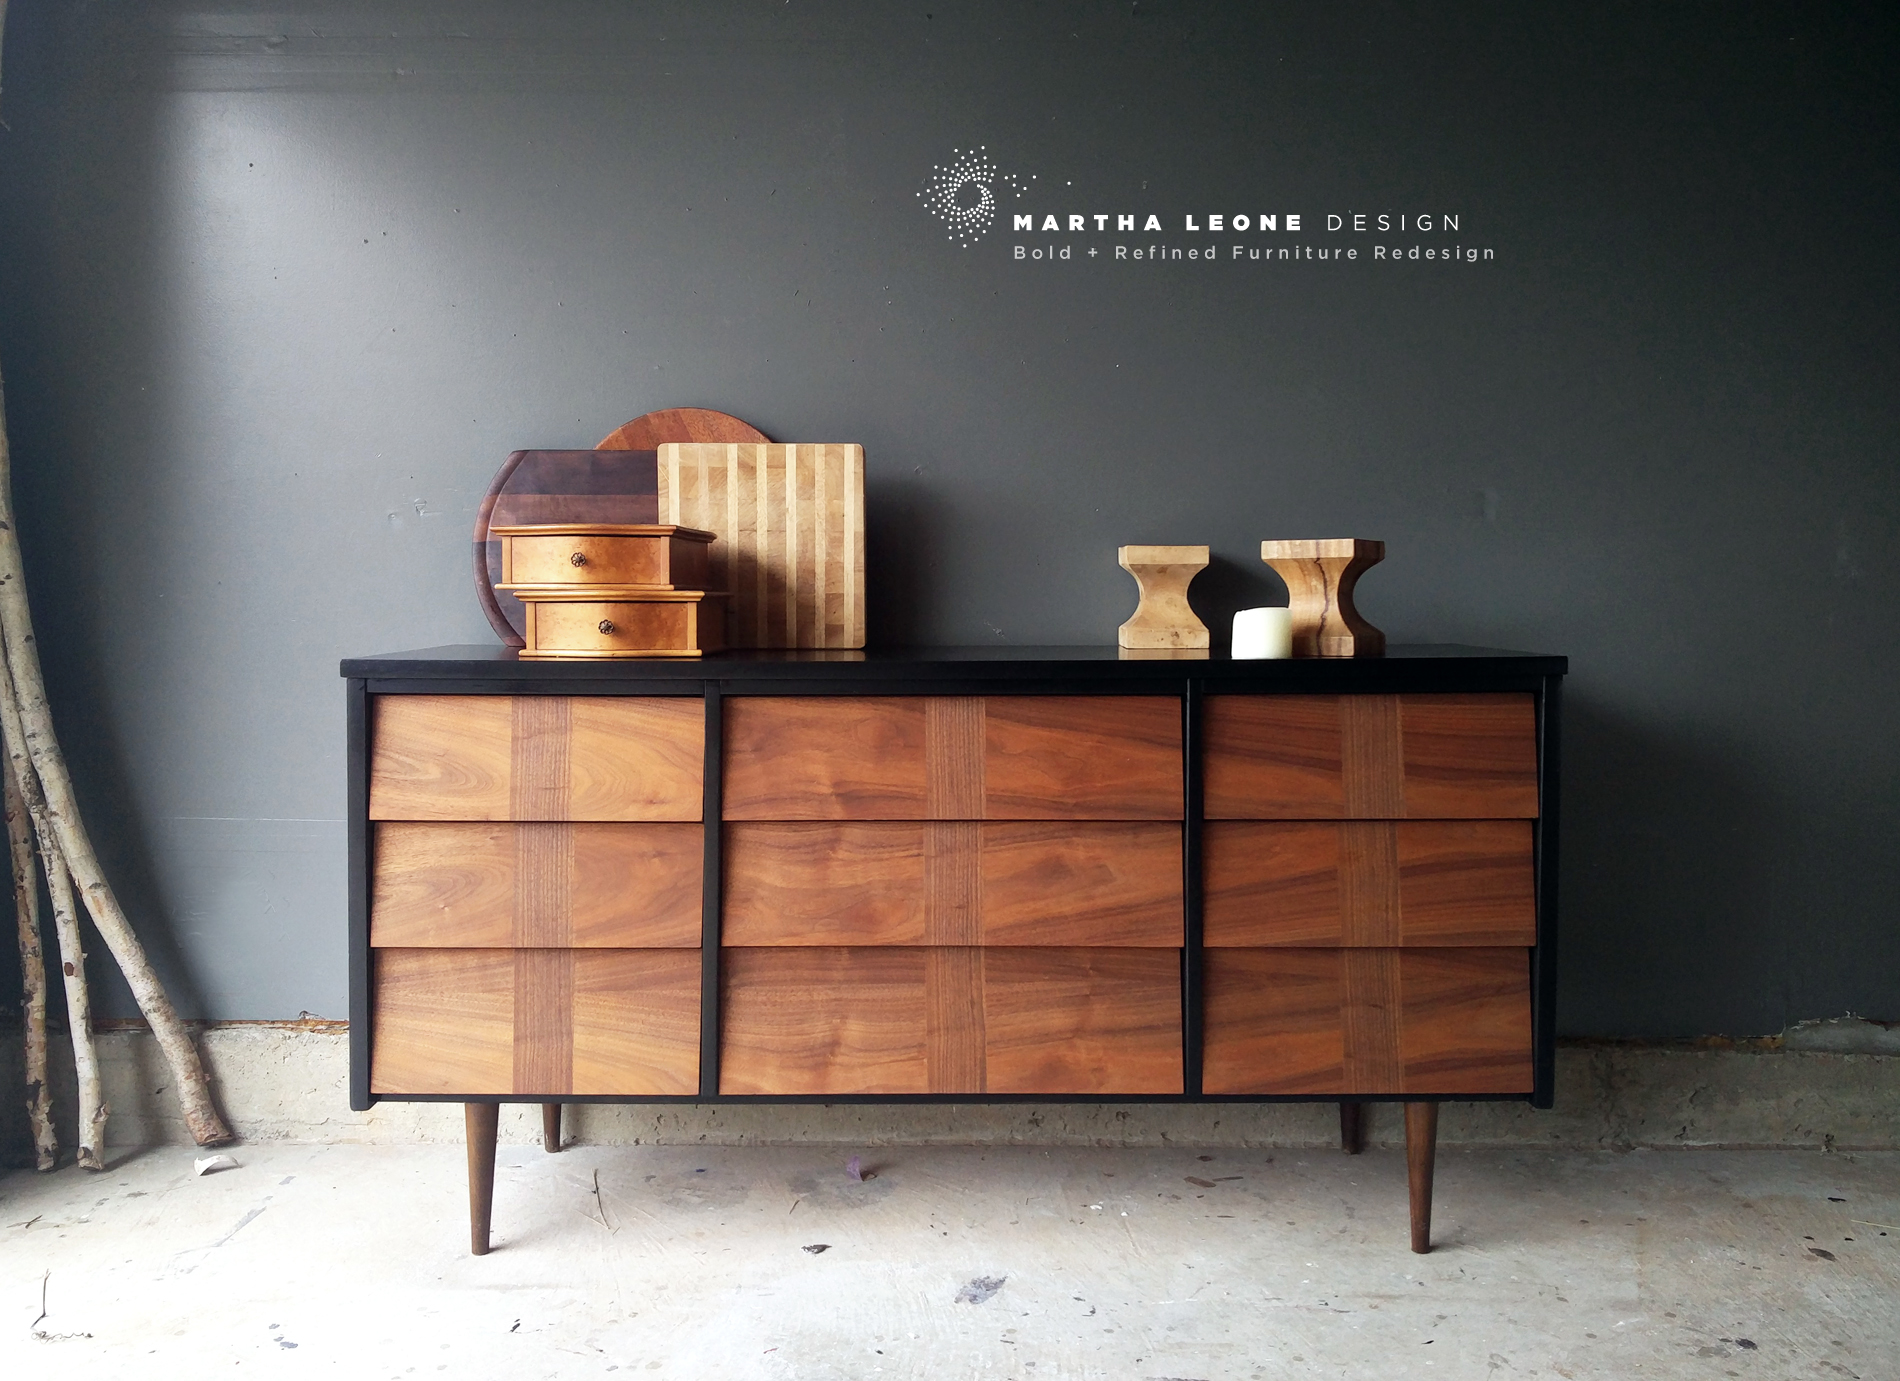 MCM by Martha Leone Design.jpg